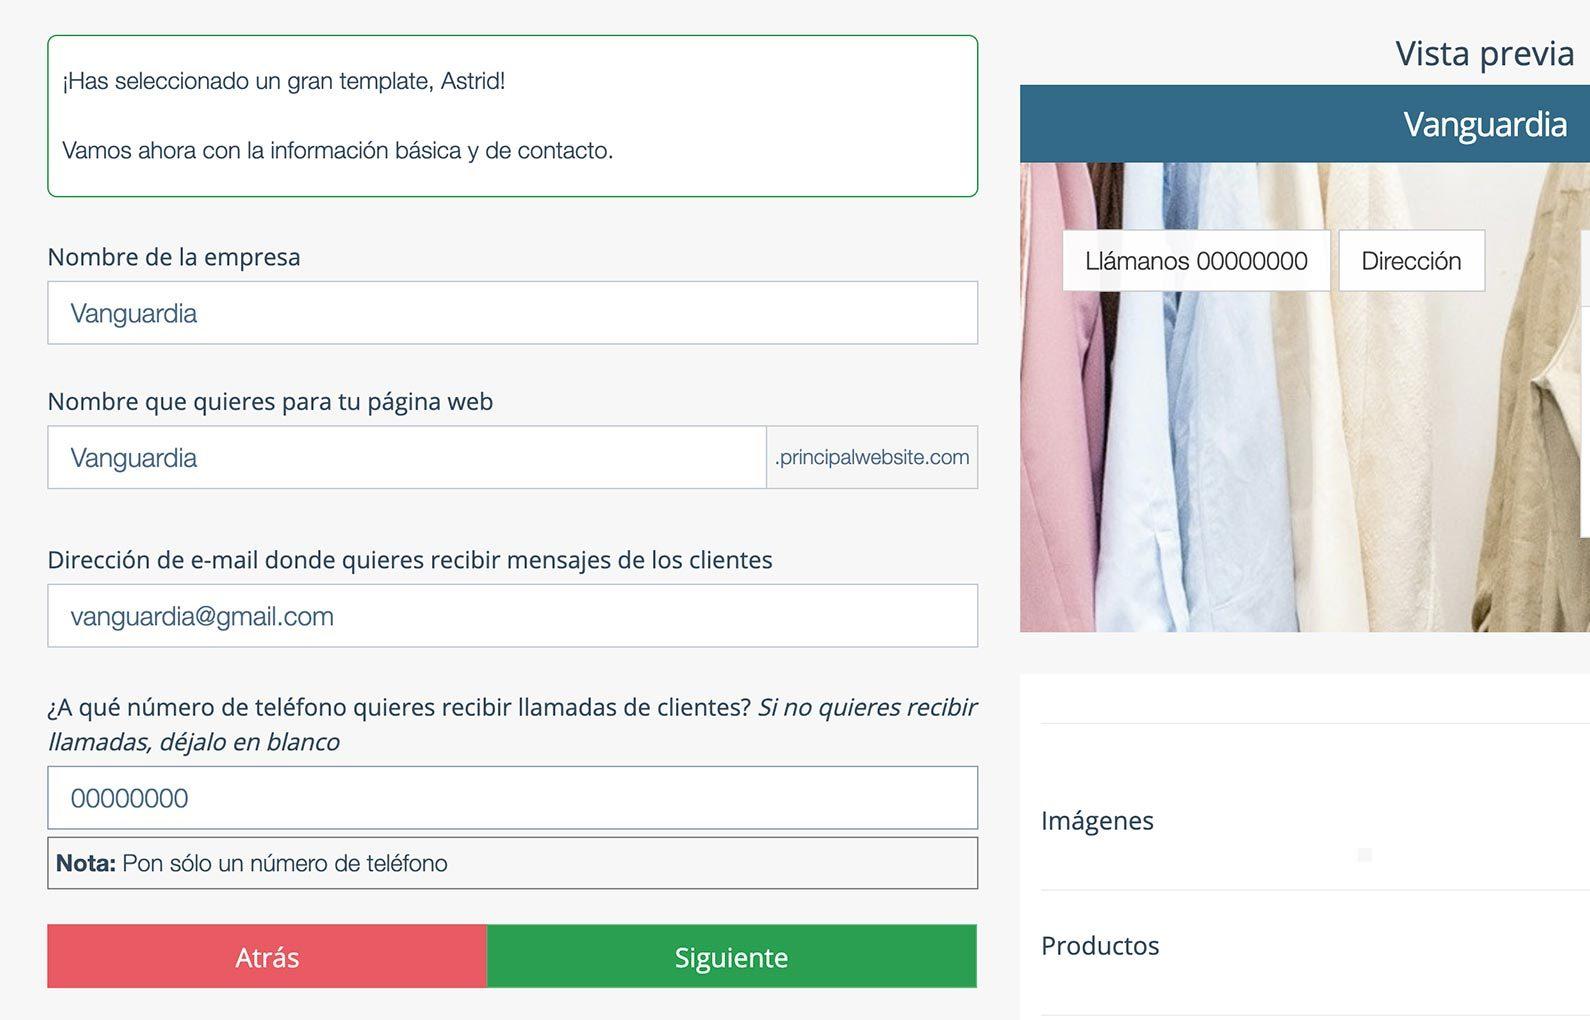 Crear Página Web para vender ropa. Información de contacto